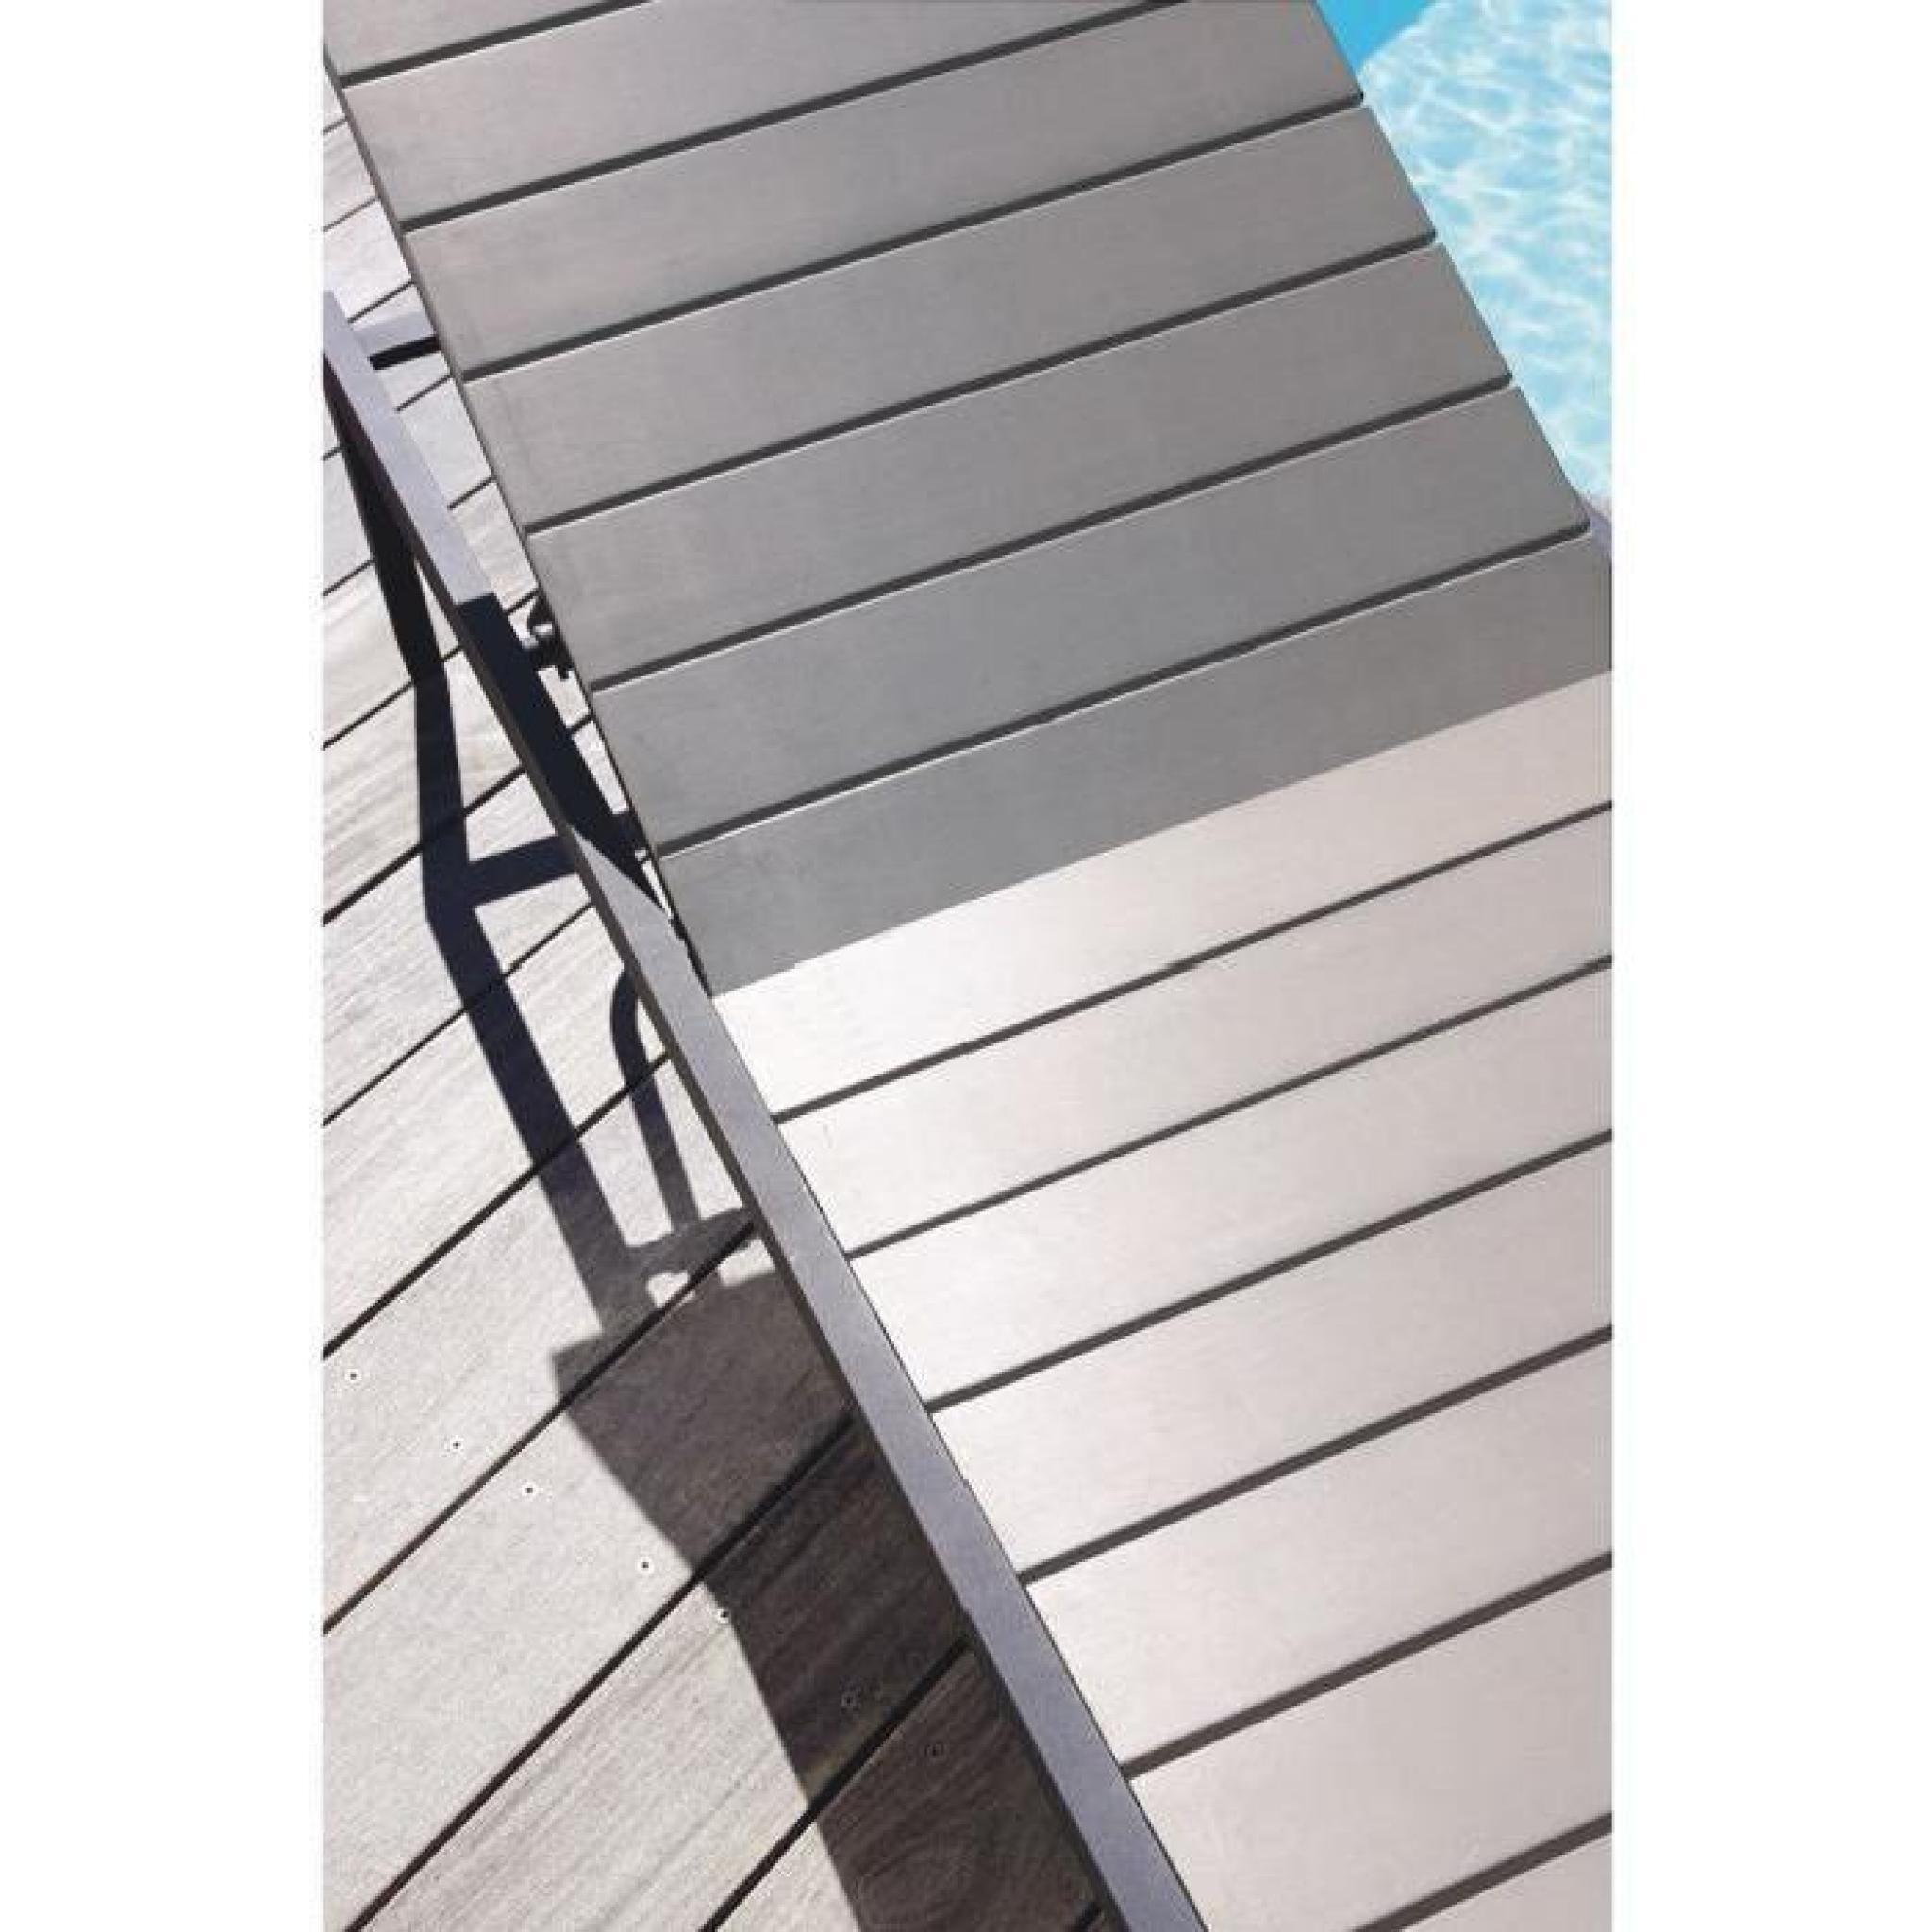 Bain de soleil en aluminium et nowood - Gris - Achat/Vente transat ...